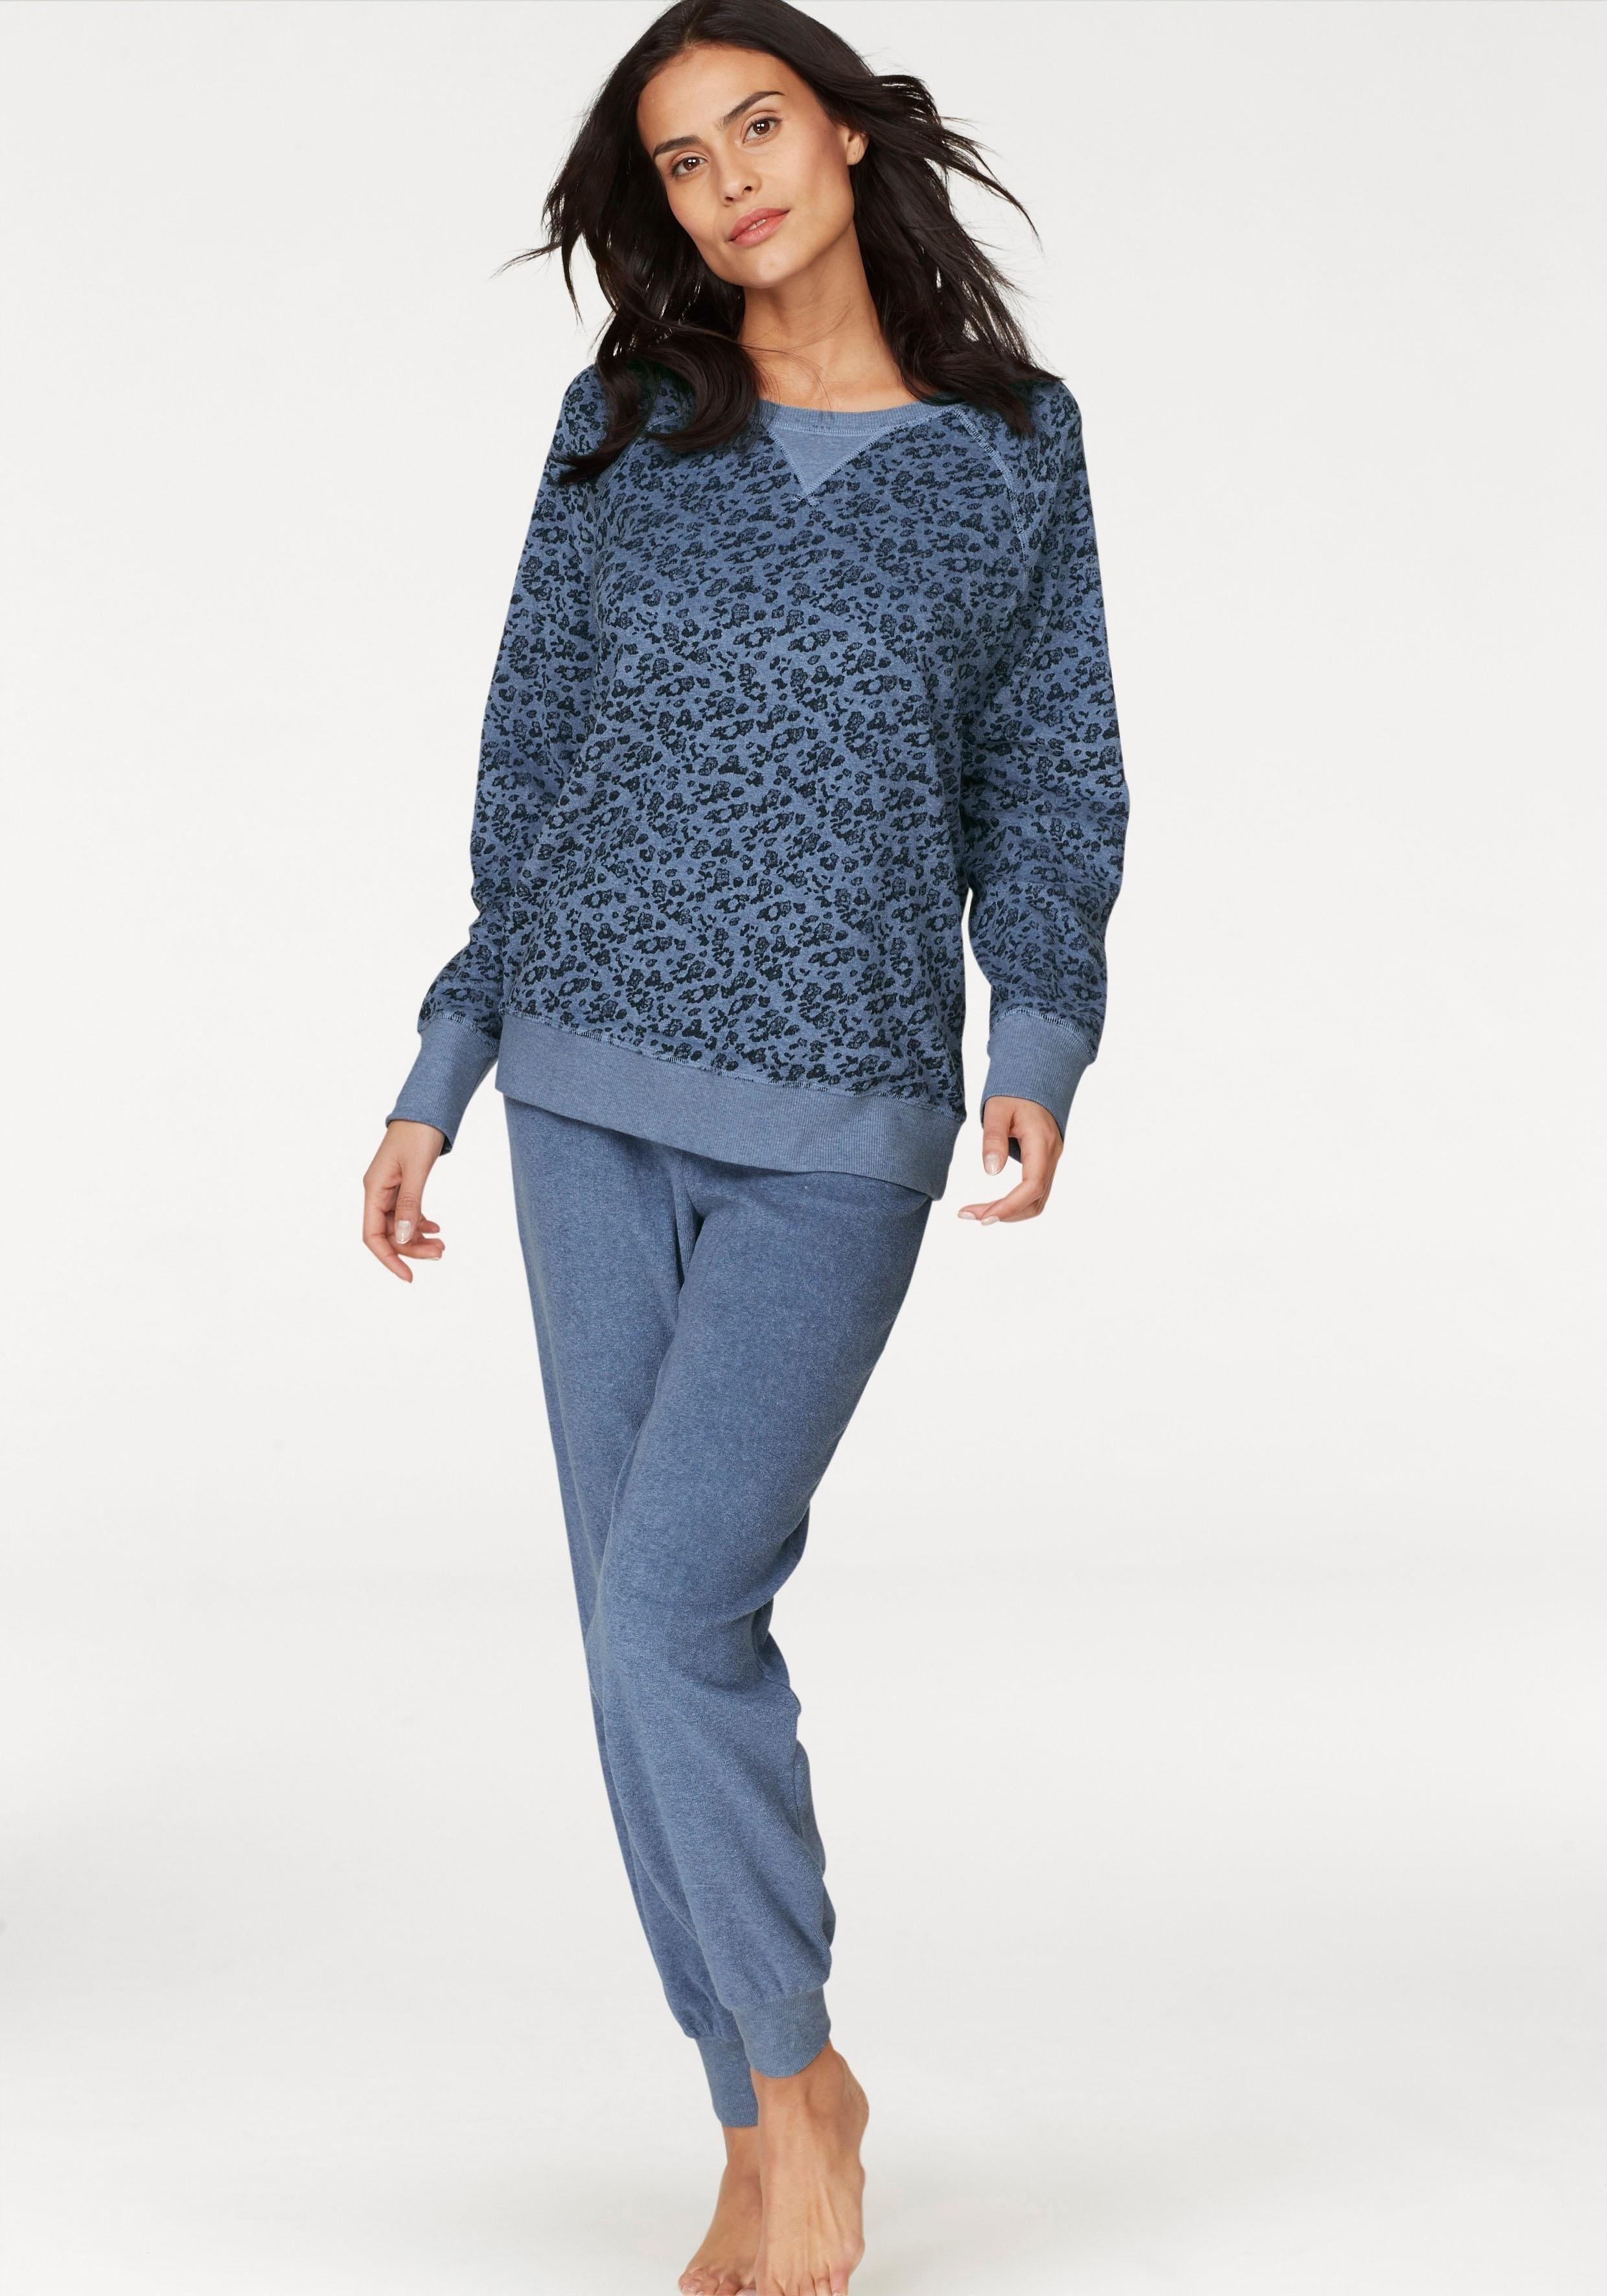 Seidensticker frotté-pyjama met gedessineerd shirt - gratis ruilen op lascana.nl